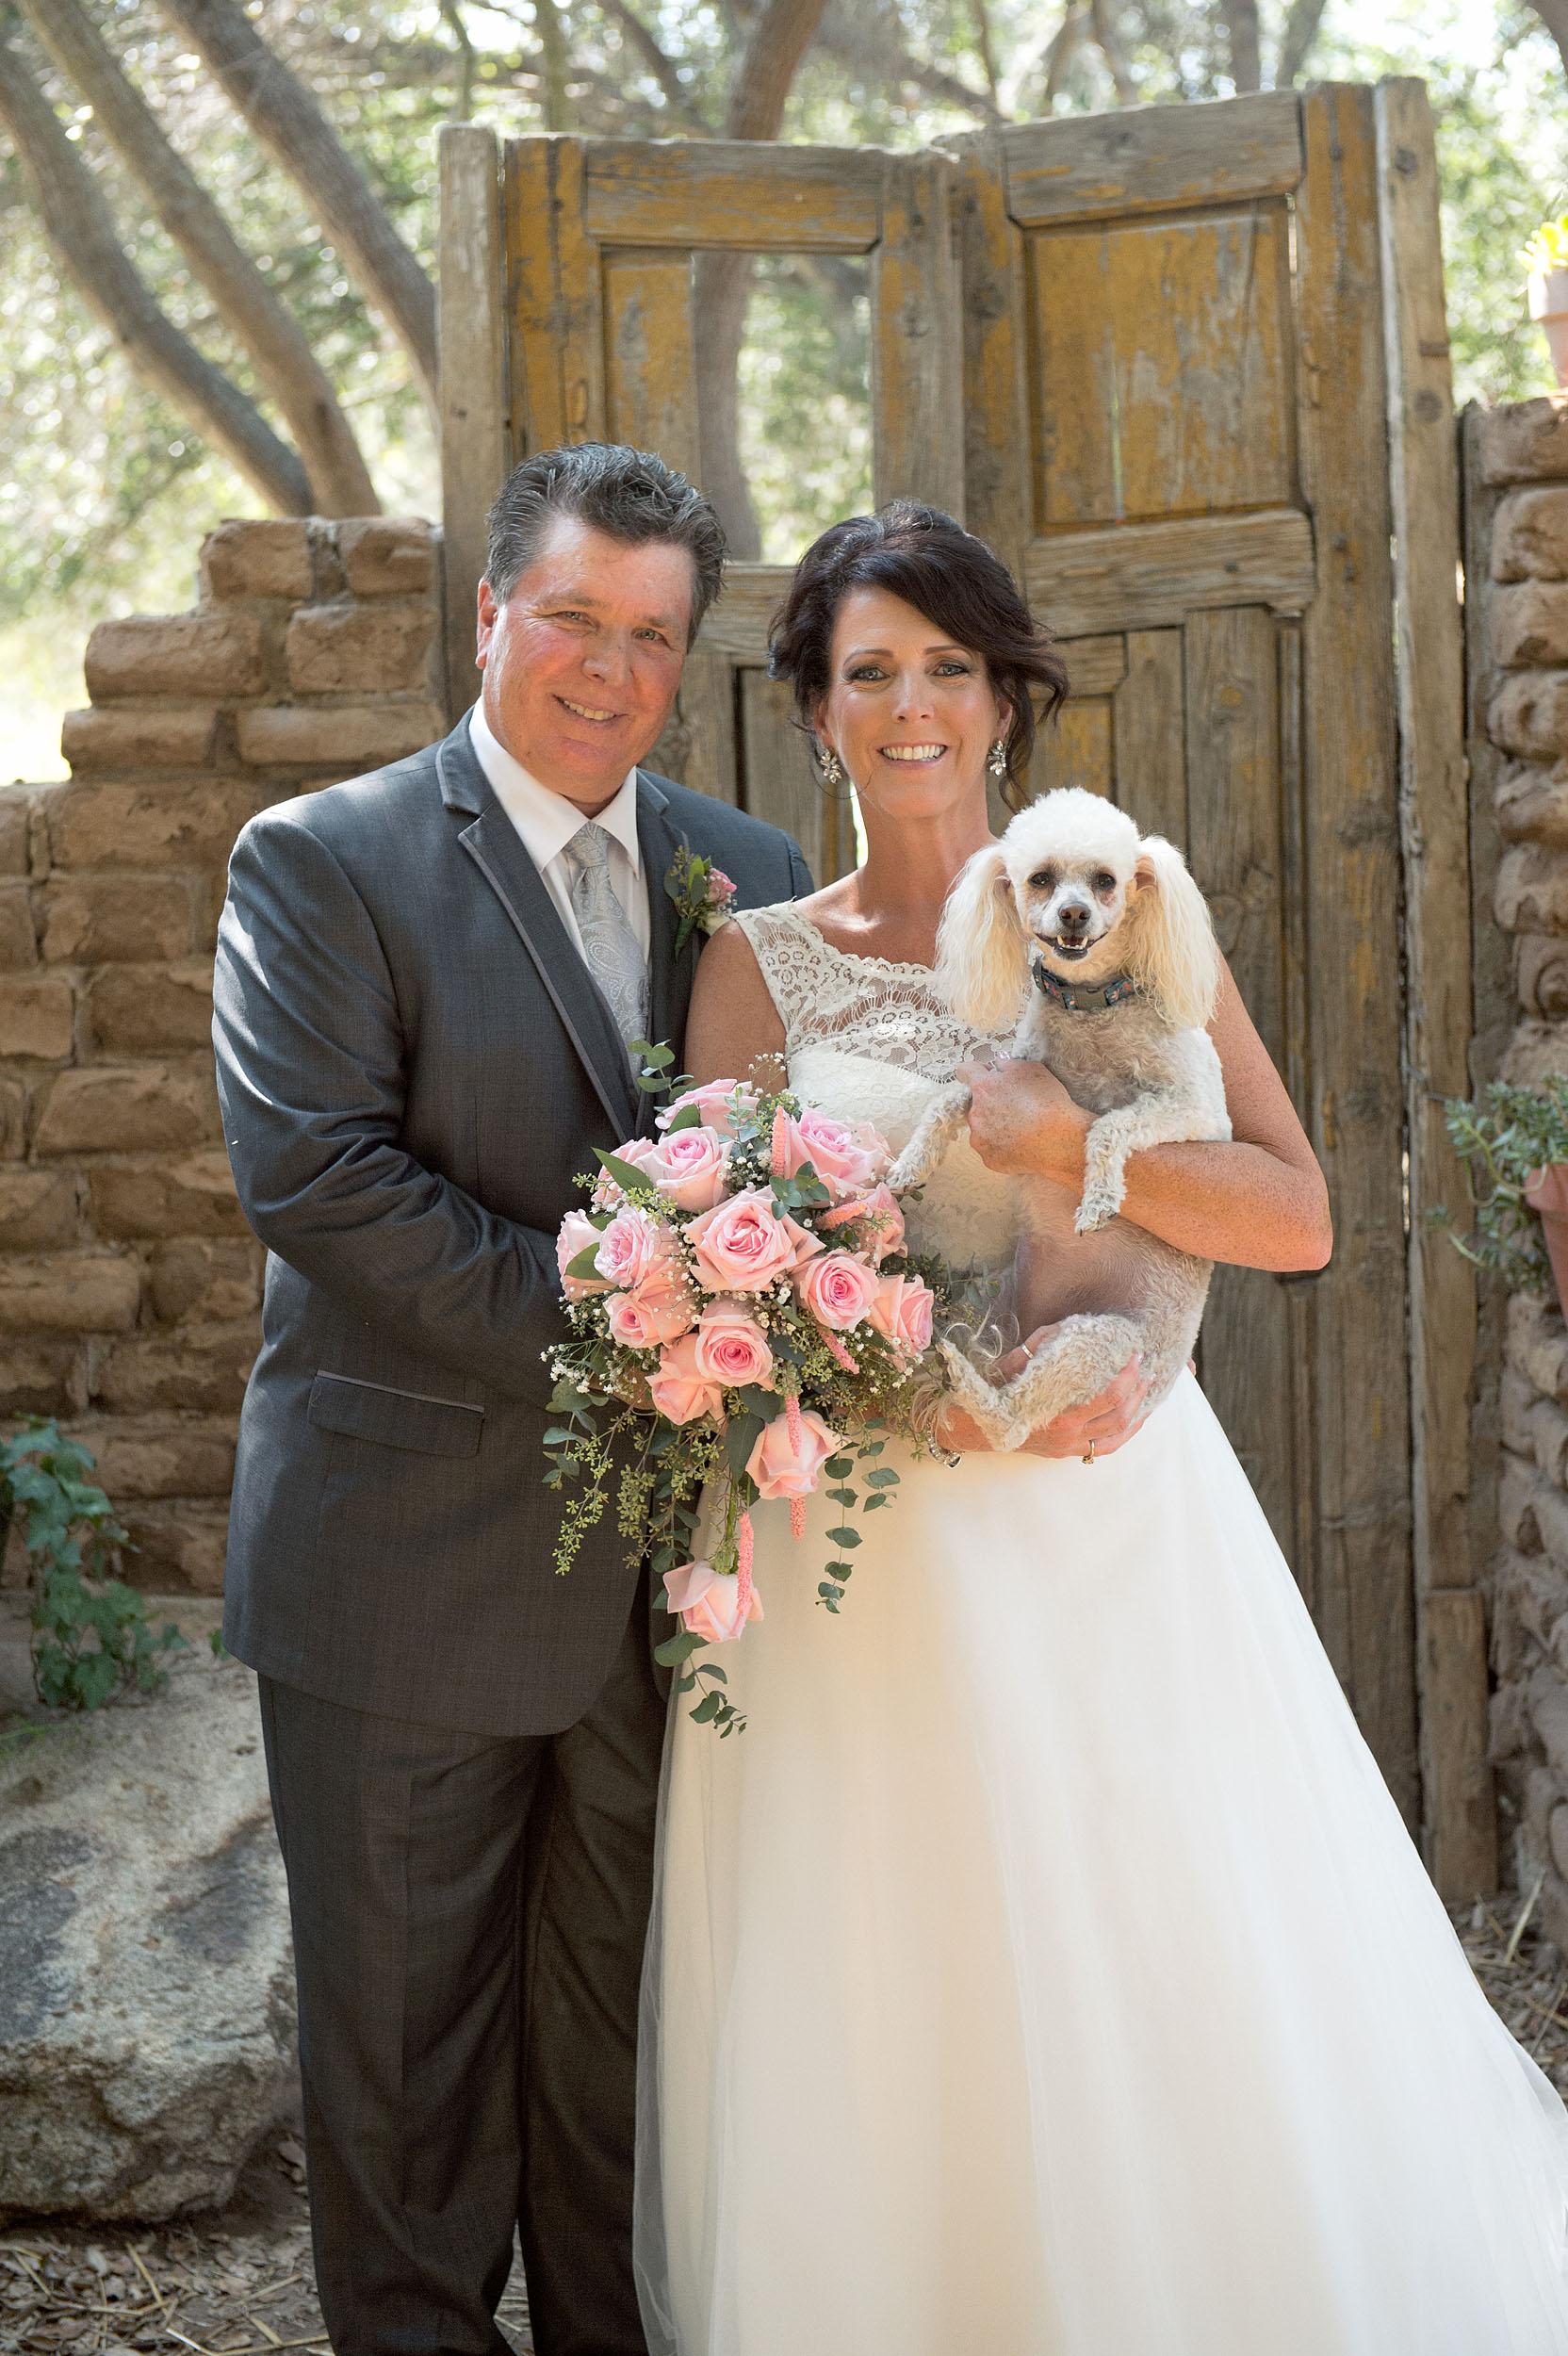 Bride, groom and pet dog portrait at Myrtle Creek Botanical Gardens & Nursery in Fallbrook.